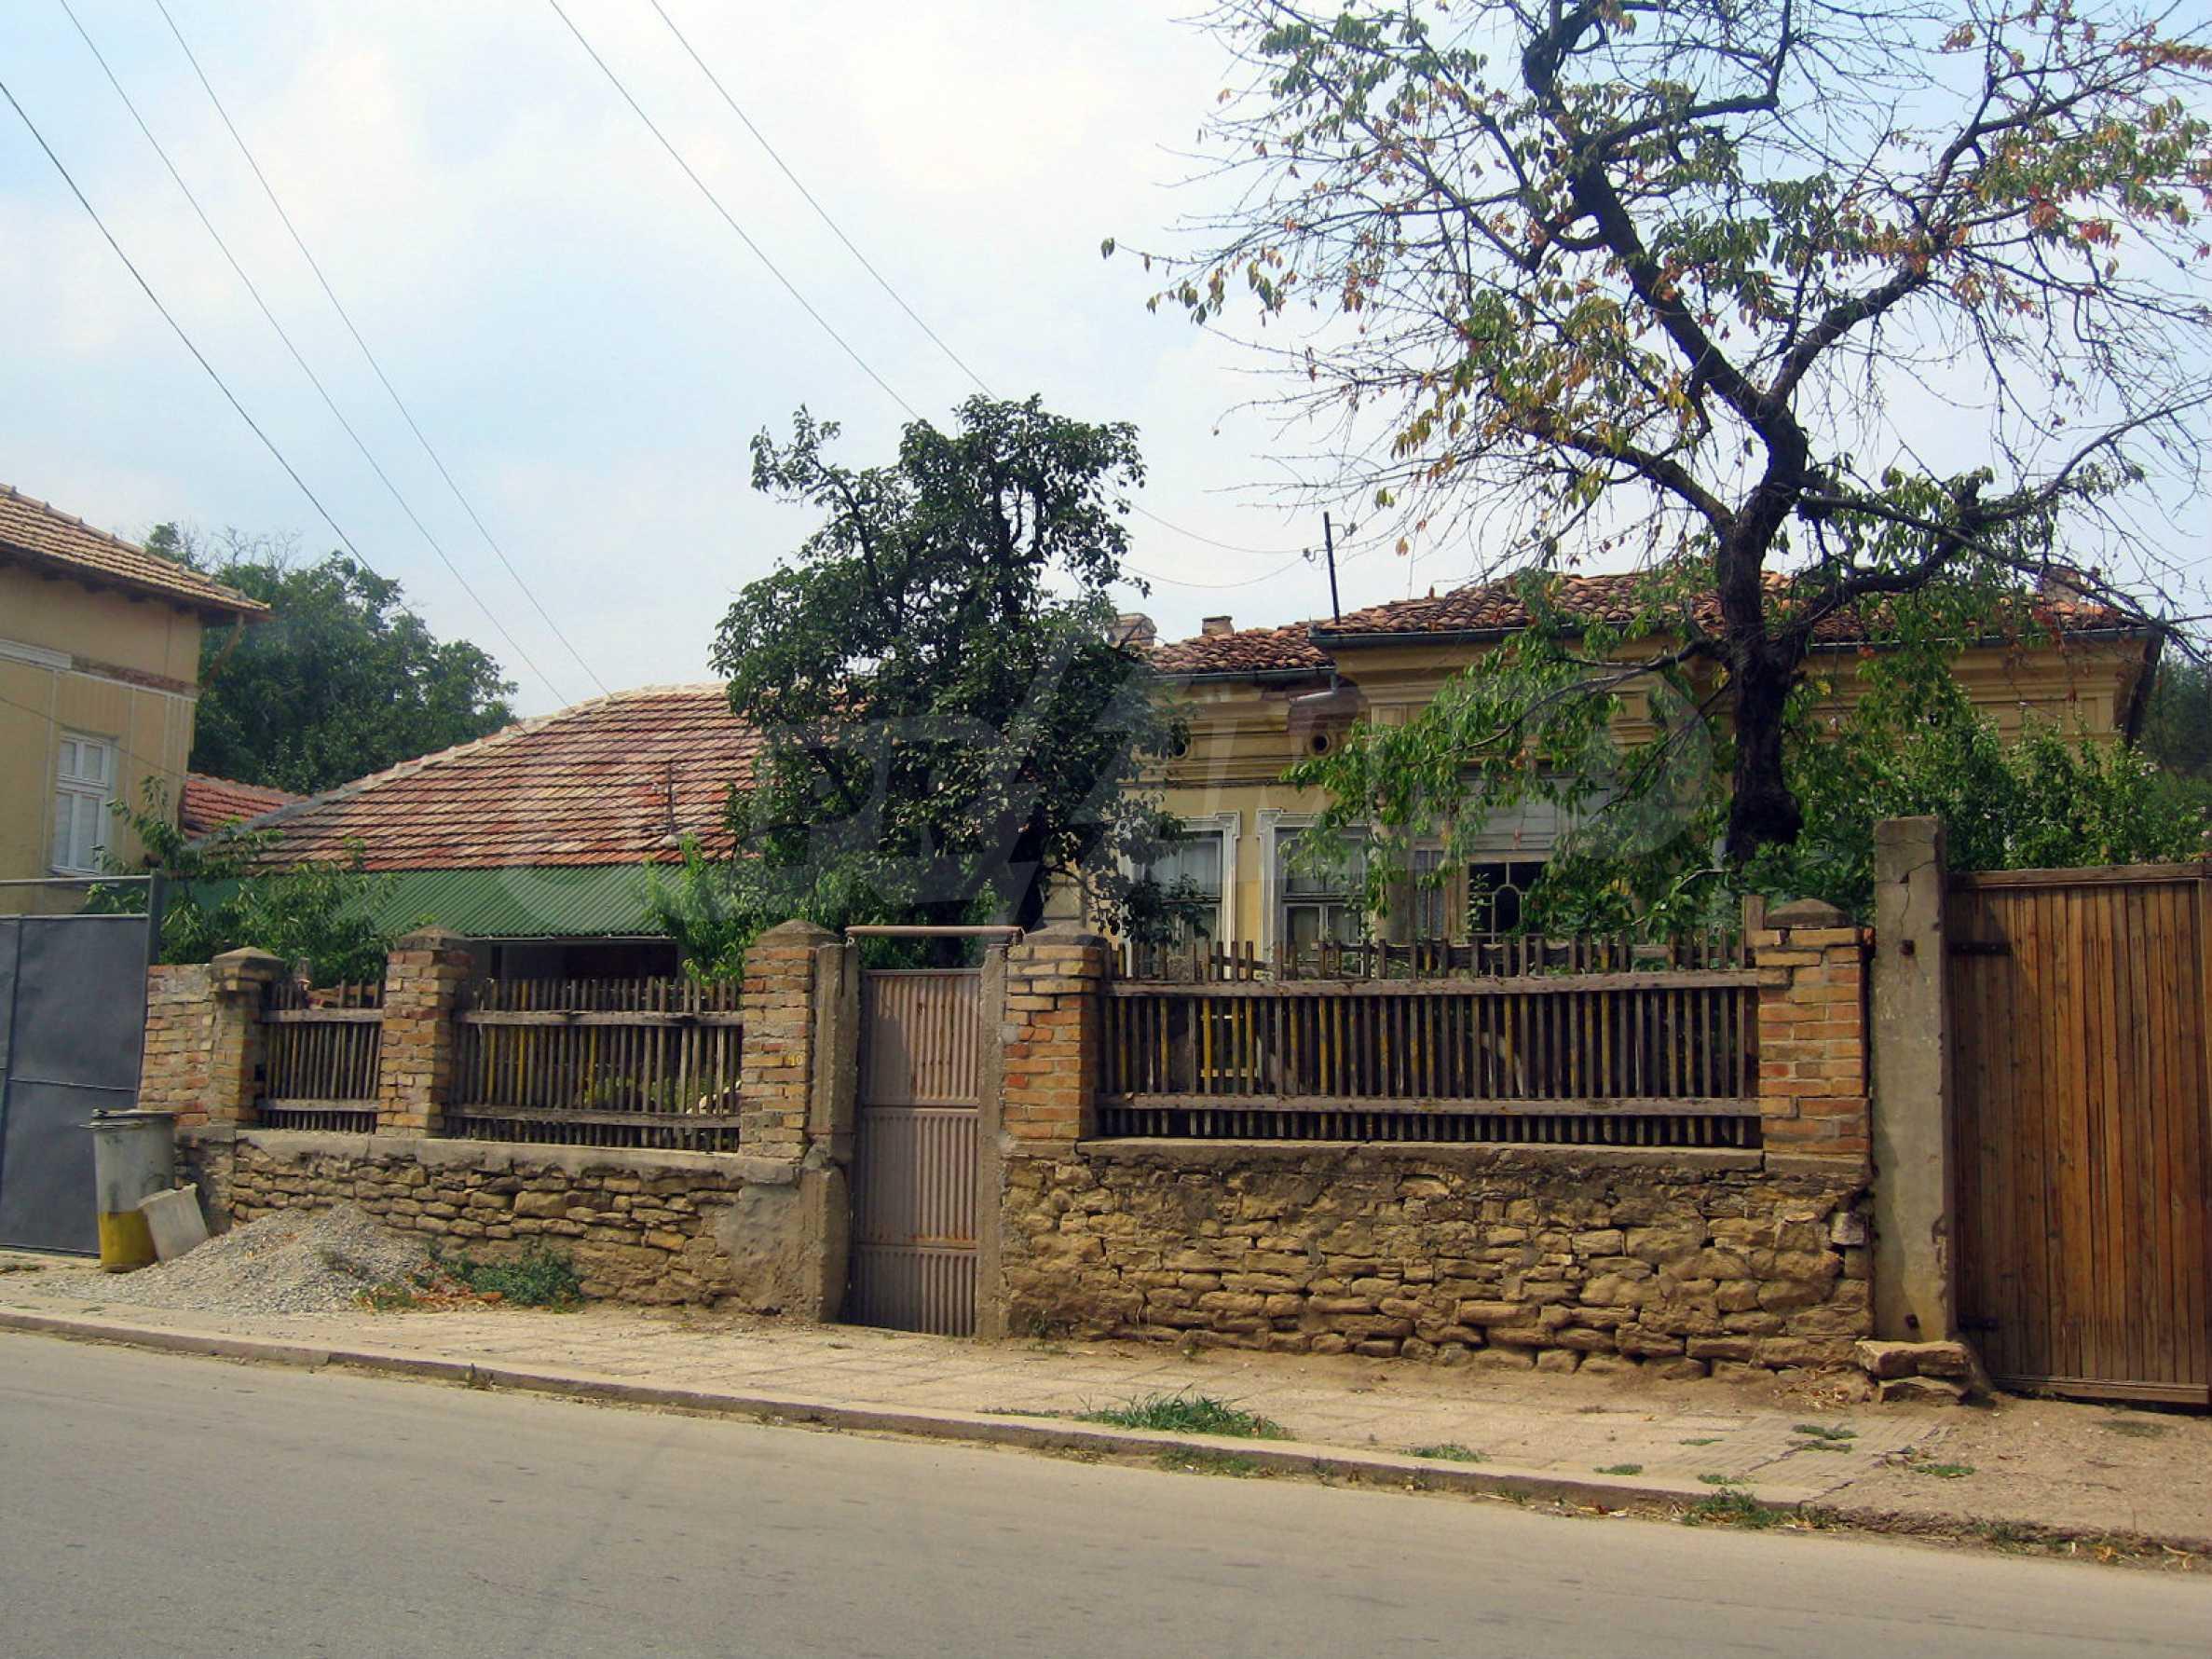 Einstöckiges Haus in einer kleinen Stadt, nur 15 km von Pavlikeni entfernt 30